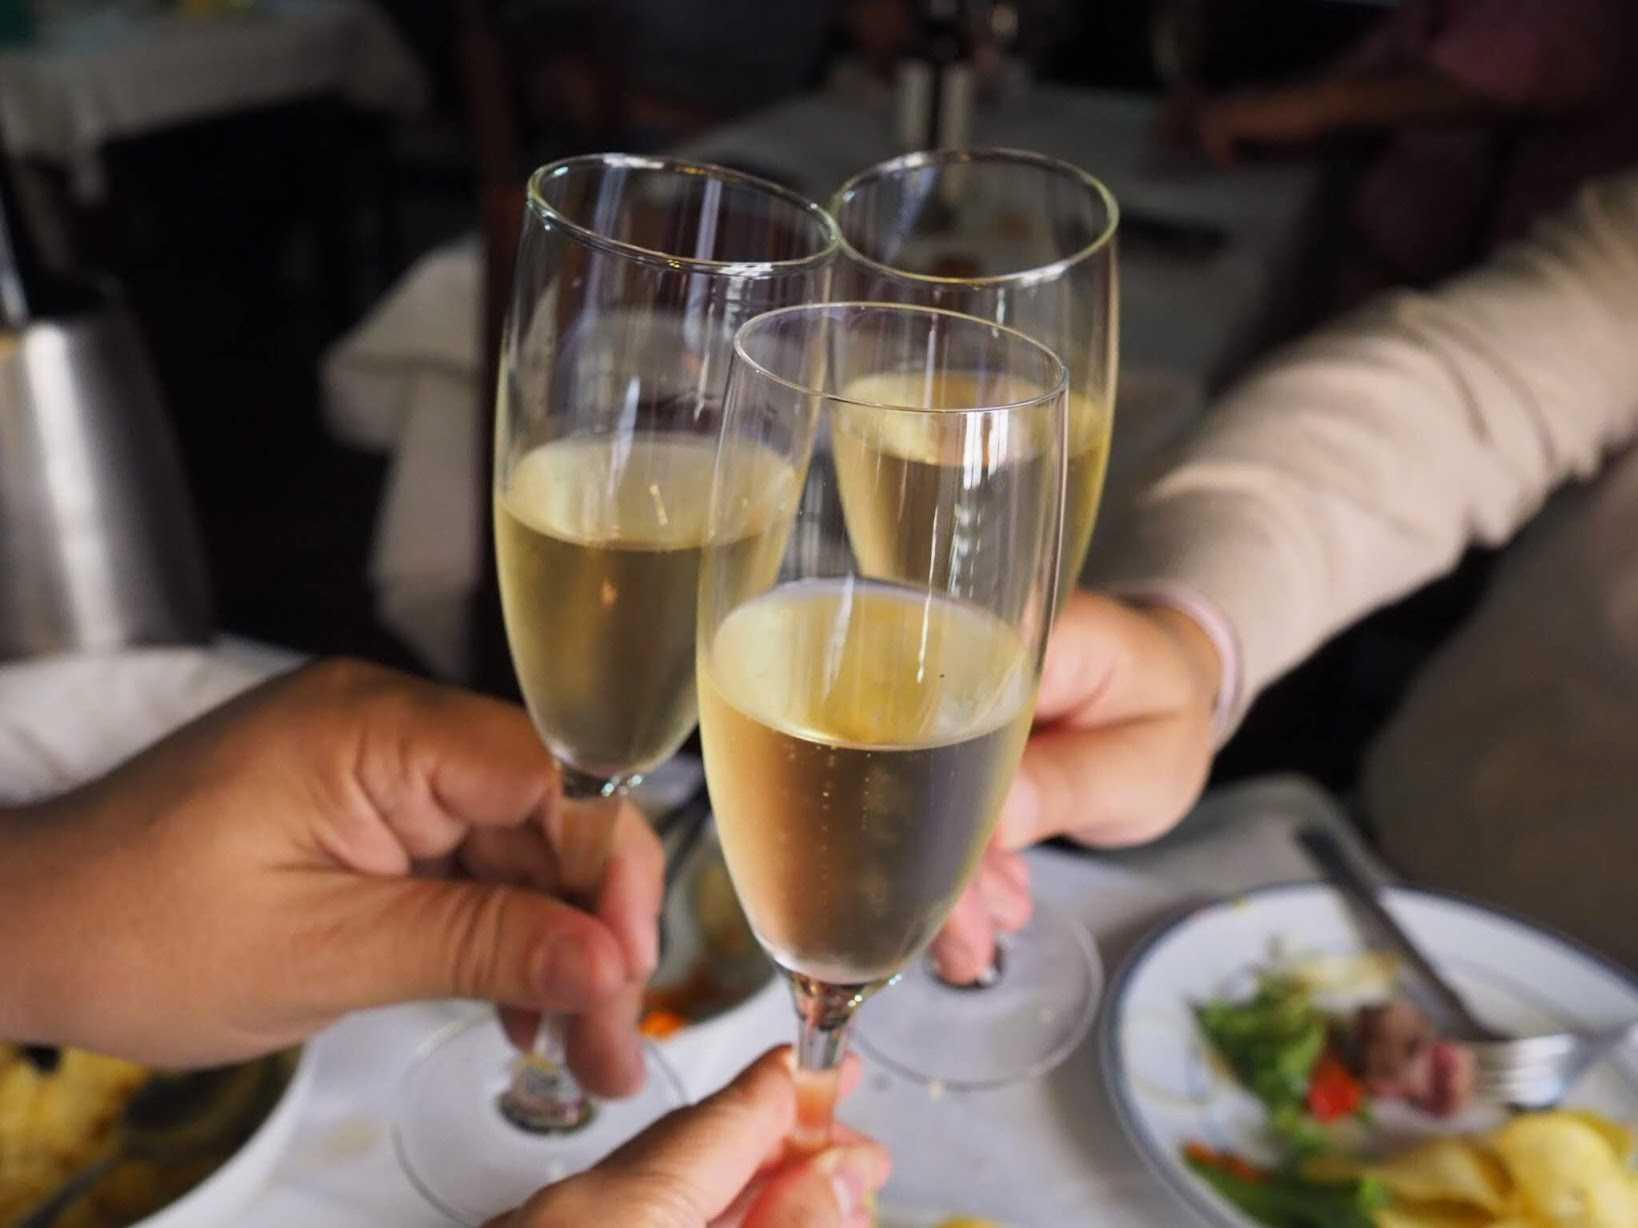 個性あふれるポルトガルワインをぜひお試しください!